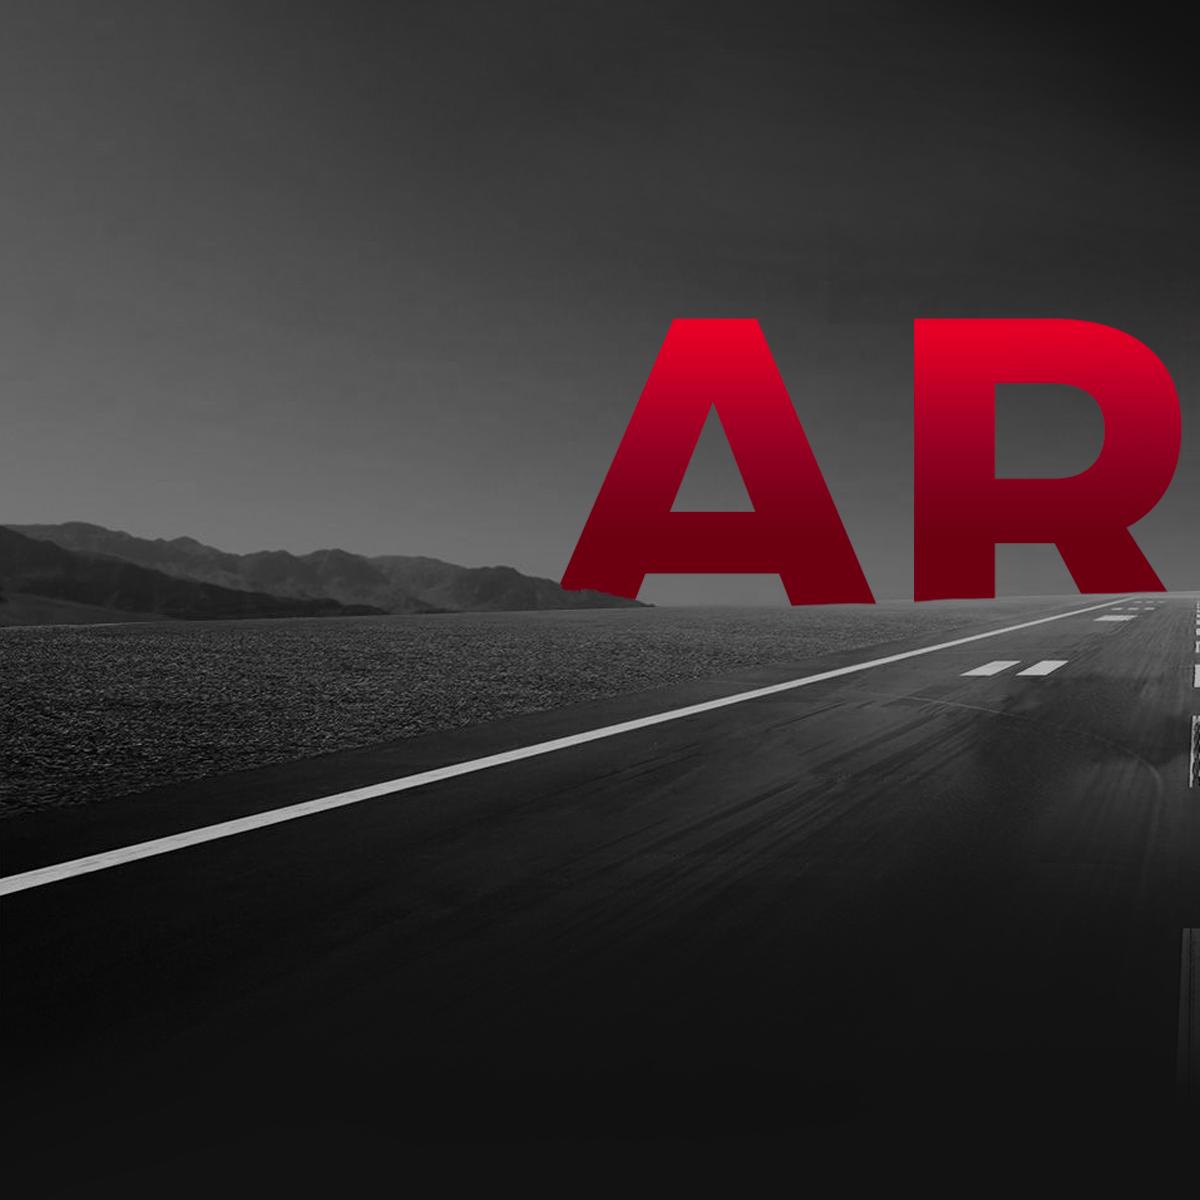 Ardn - constant design